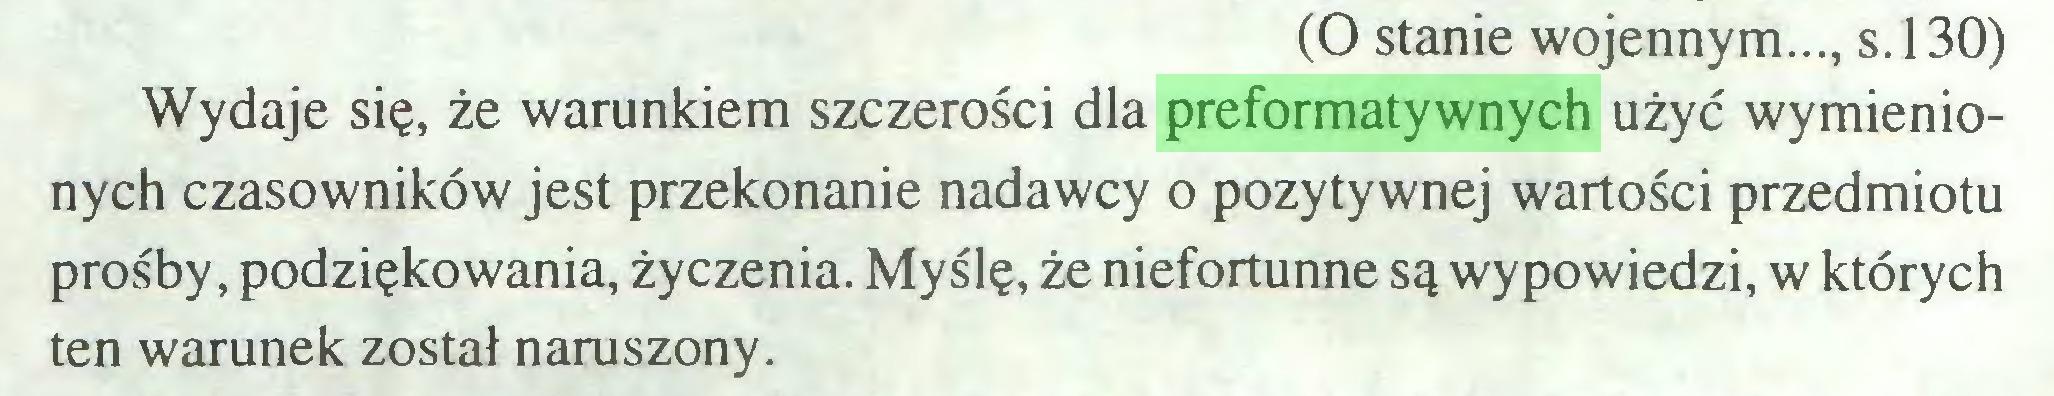 (...) (O stanie wojennym..., s.130) Wydaje się, że warunkiem szczerości dla preformatywnych użyć wymienionych czasowników jest przekonanie nadawcy o pozytywnej wartości przedmiotu prośby, podziękowania, życzenia. Myślę, że niefortunne są wypowiedzi, w których ten warunek został naruszony...